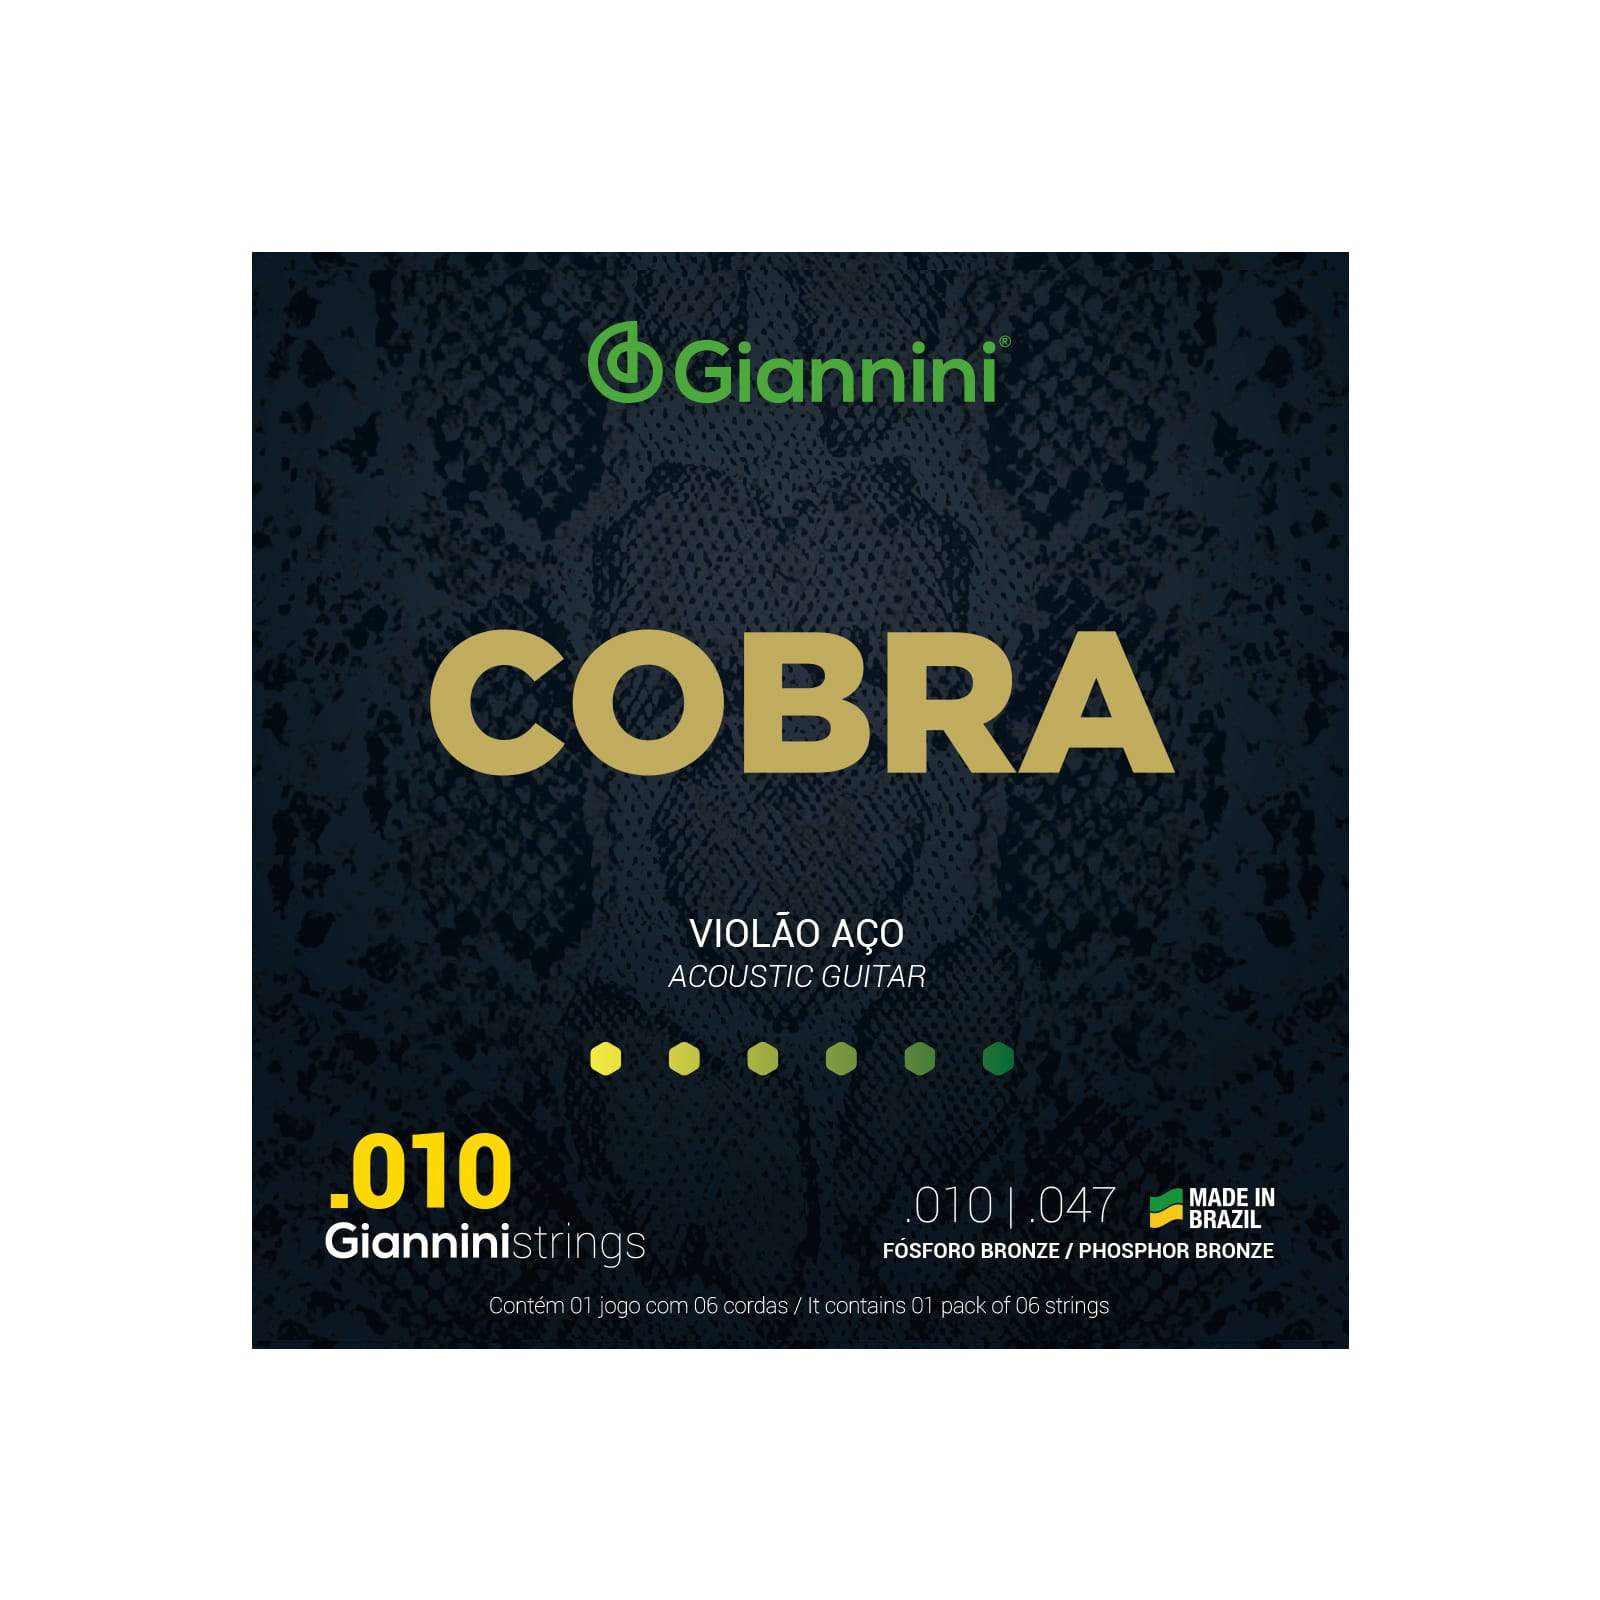 Encordoamento Giannini Cobra Violão Aço .010 Phosphor Bronze